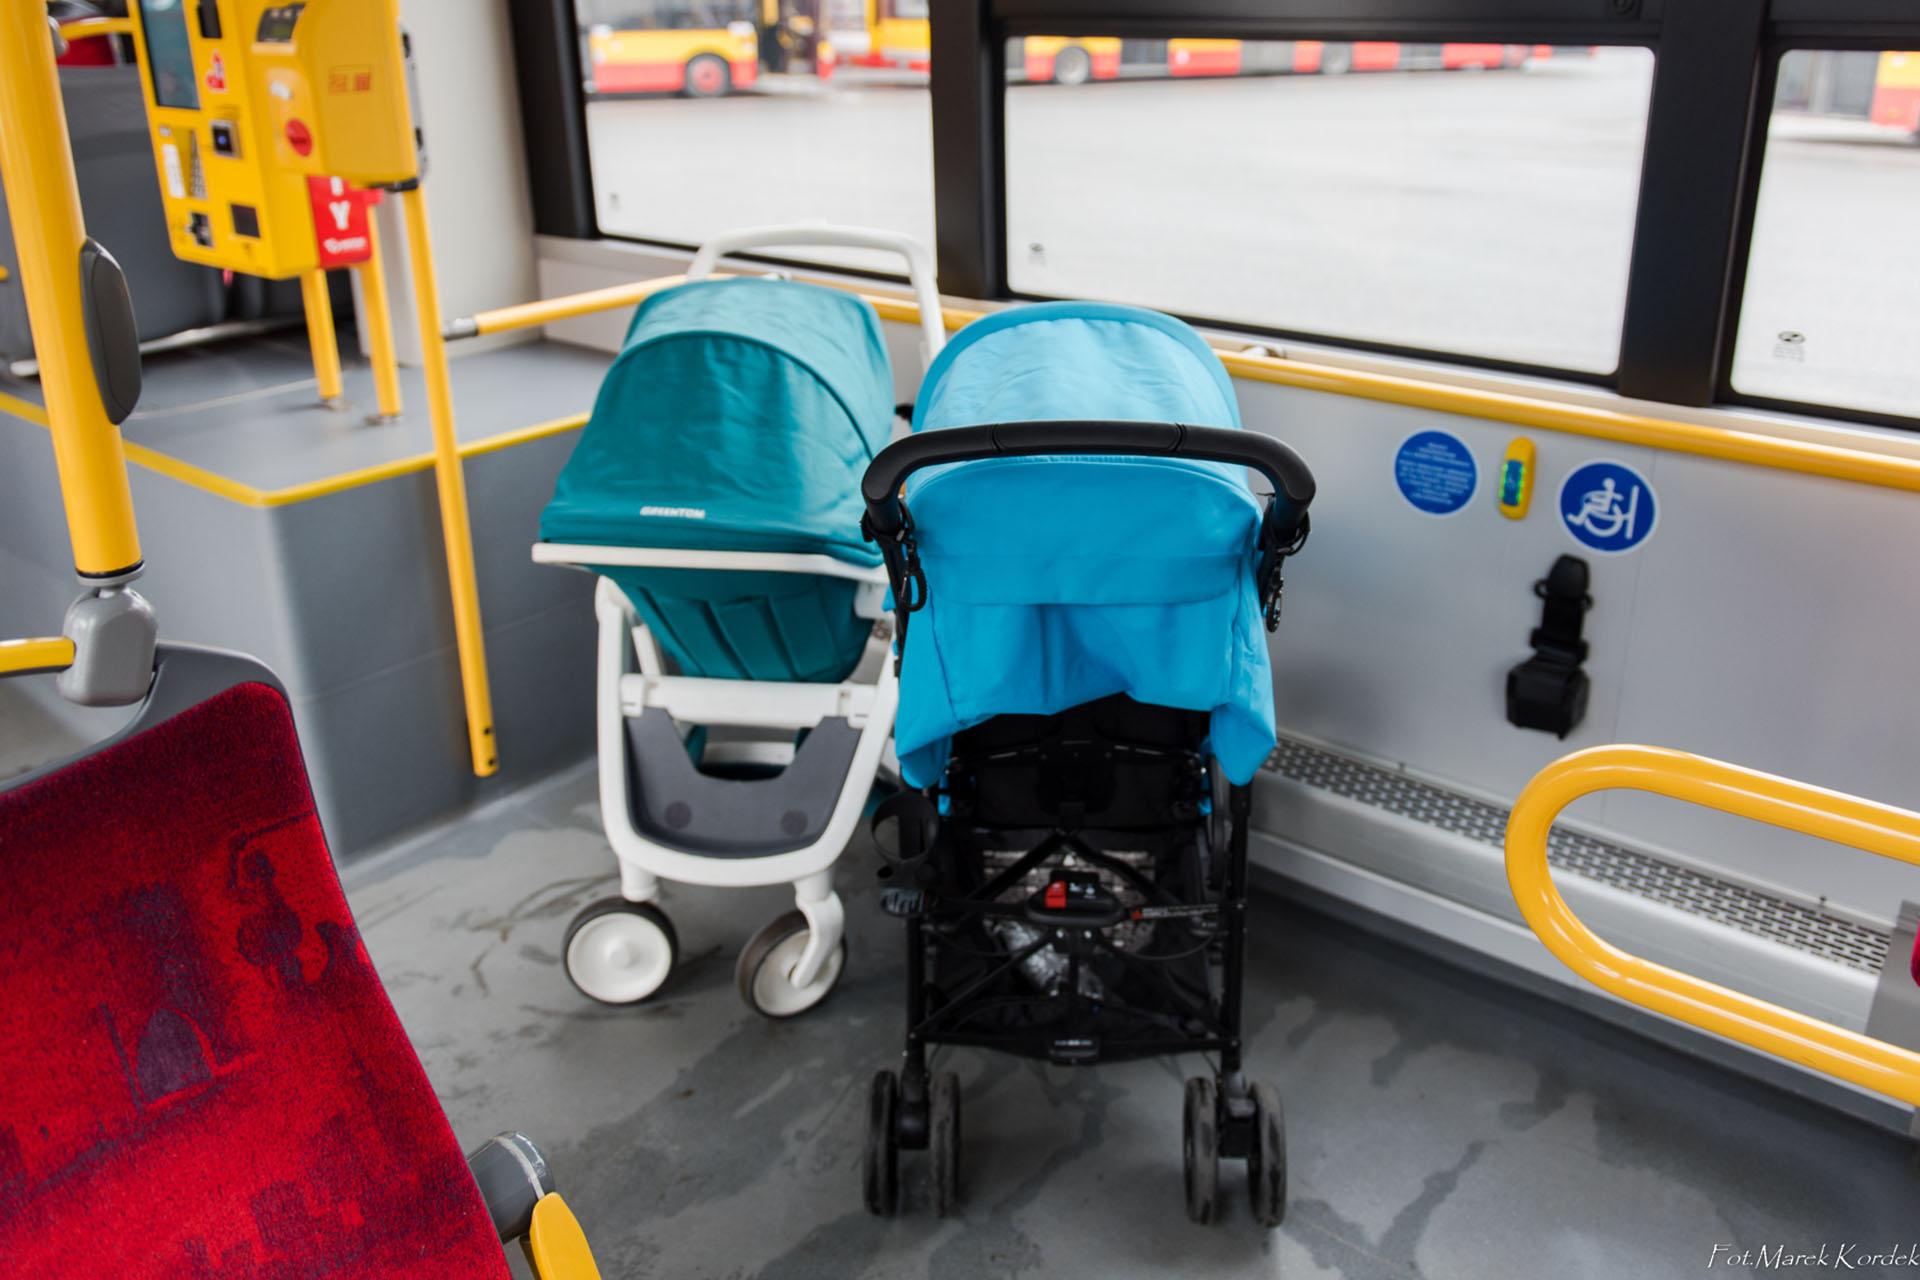 jak bezpiecznie przewozić wózek w autobusie źle zaparkowane wózki